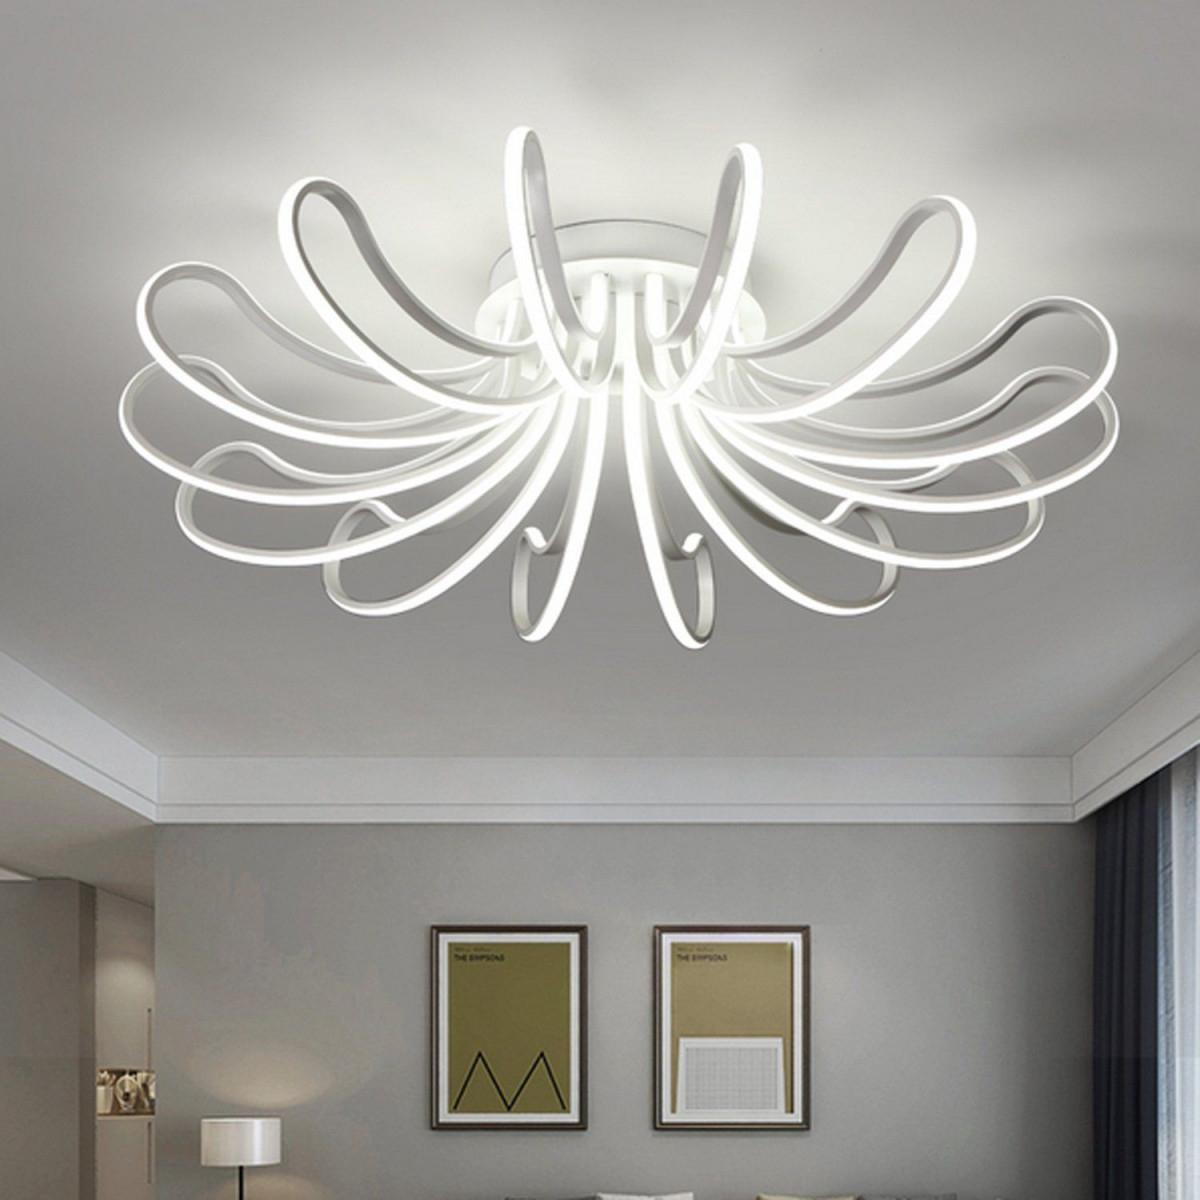 Waineg Designer Moderne Leddeckenleuchten Wohnzimmer von Designer Deckenlampe Wohnzimmer Bild